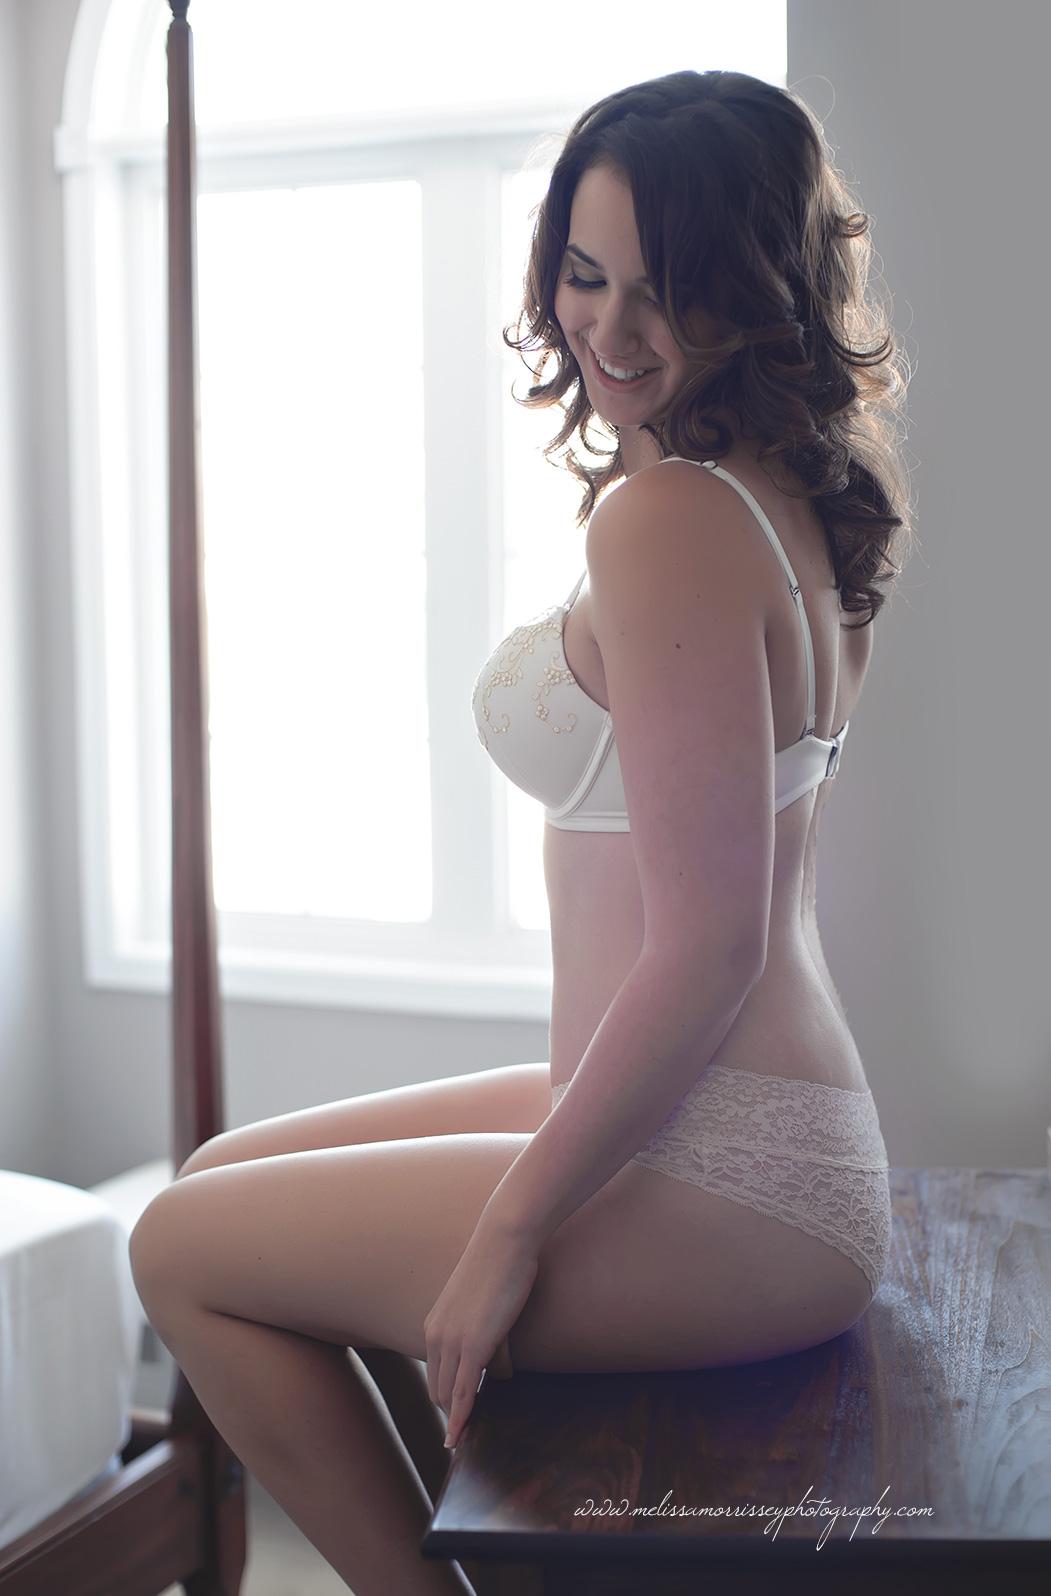 https://www.melissamorrisseyphotography.com/wp-content/uploads/2014/01/Ottawa-Boudoir-Glamour-Photographer-Melissa-Morrissey-31.jpg